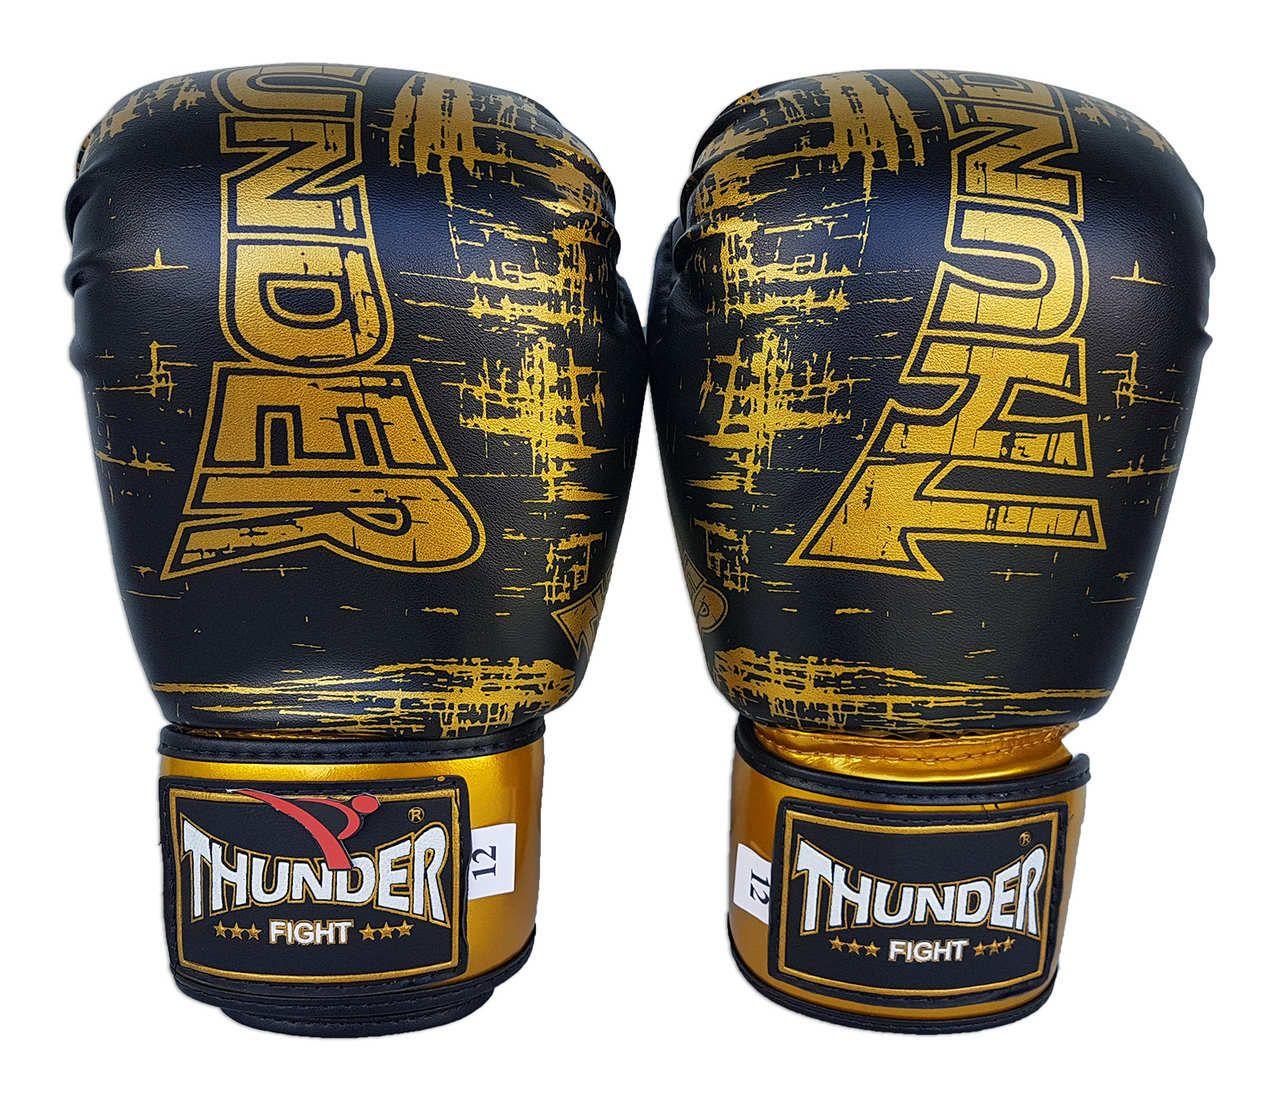 Kit de Boxe / Muay Thai 12oz - Preto / Dourado Riscado - Thunder Fight   - PRALUTA SHOP